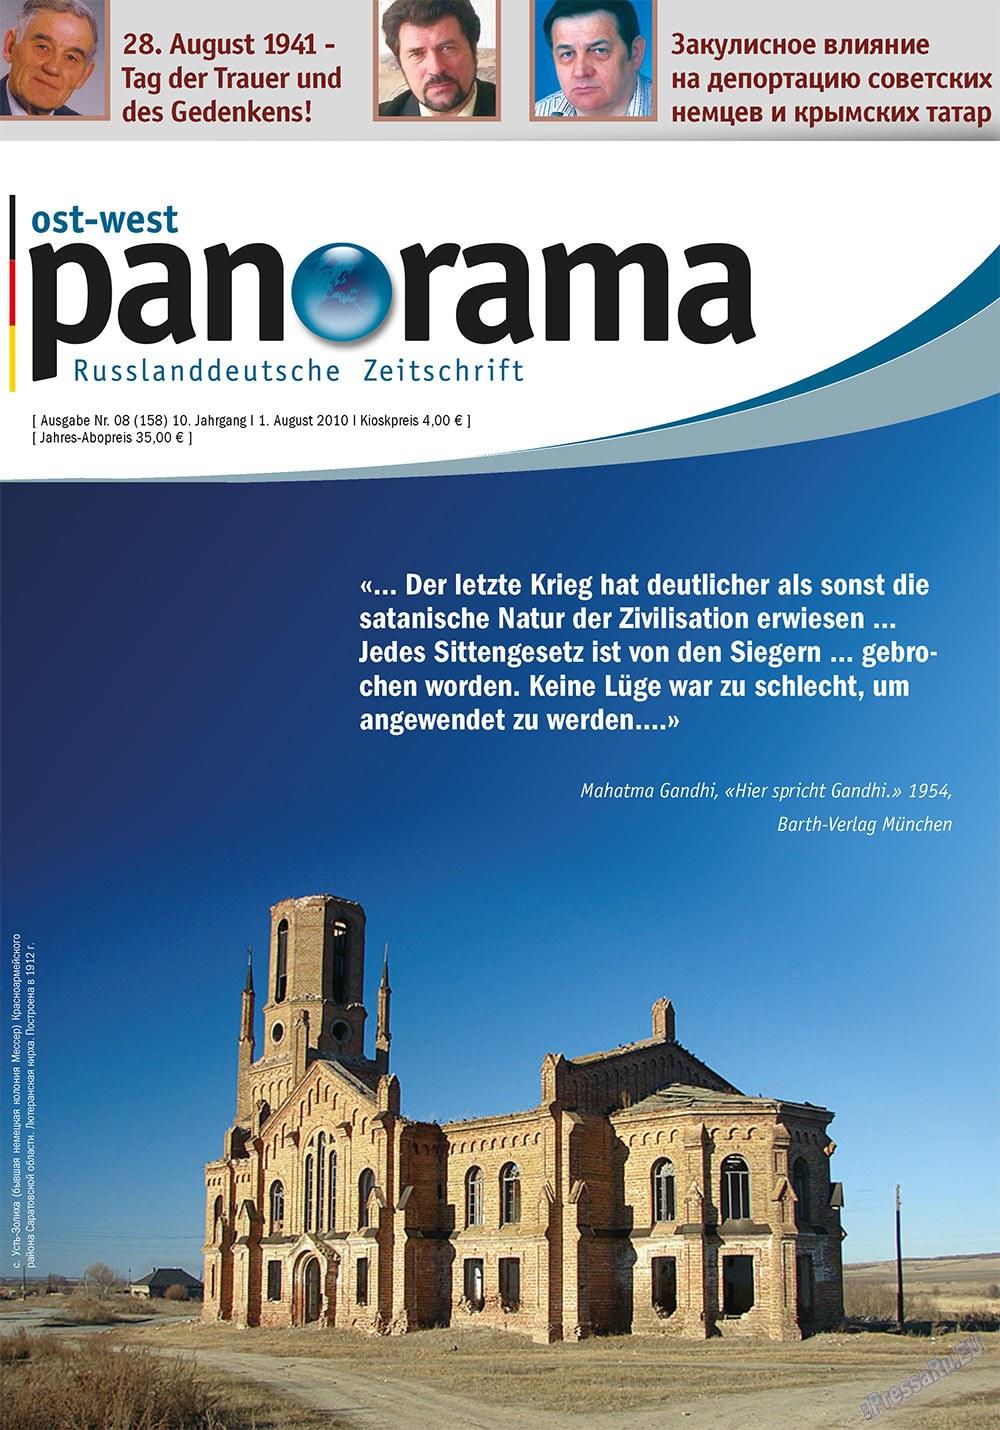 Ost-West Panorama (журнал). 2010 год, номер 8, стр. 1